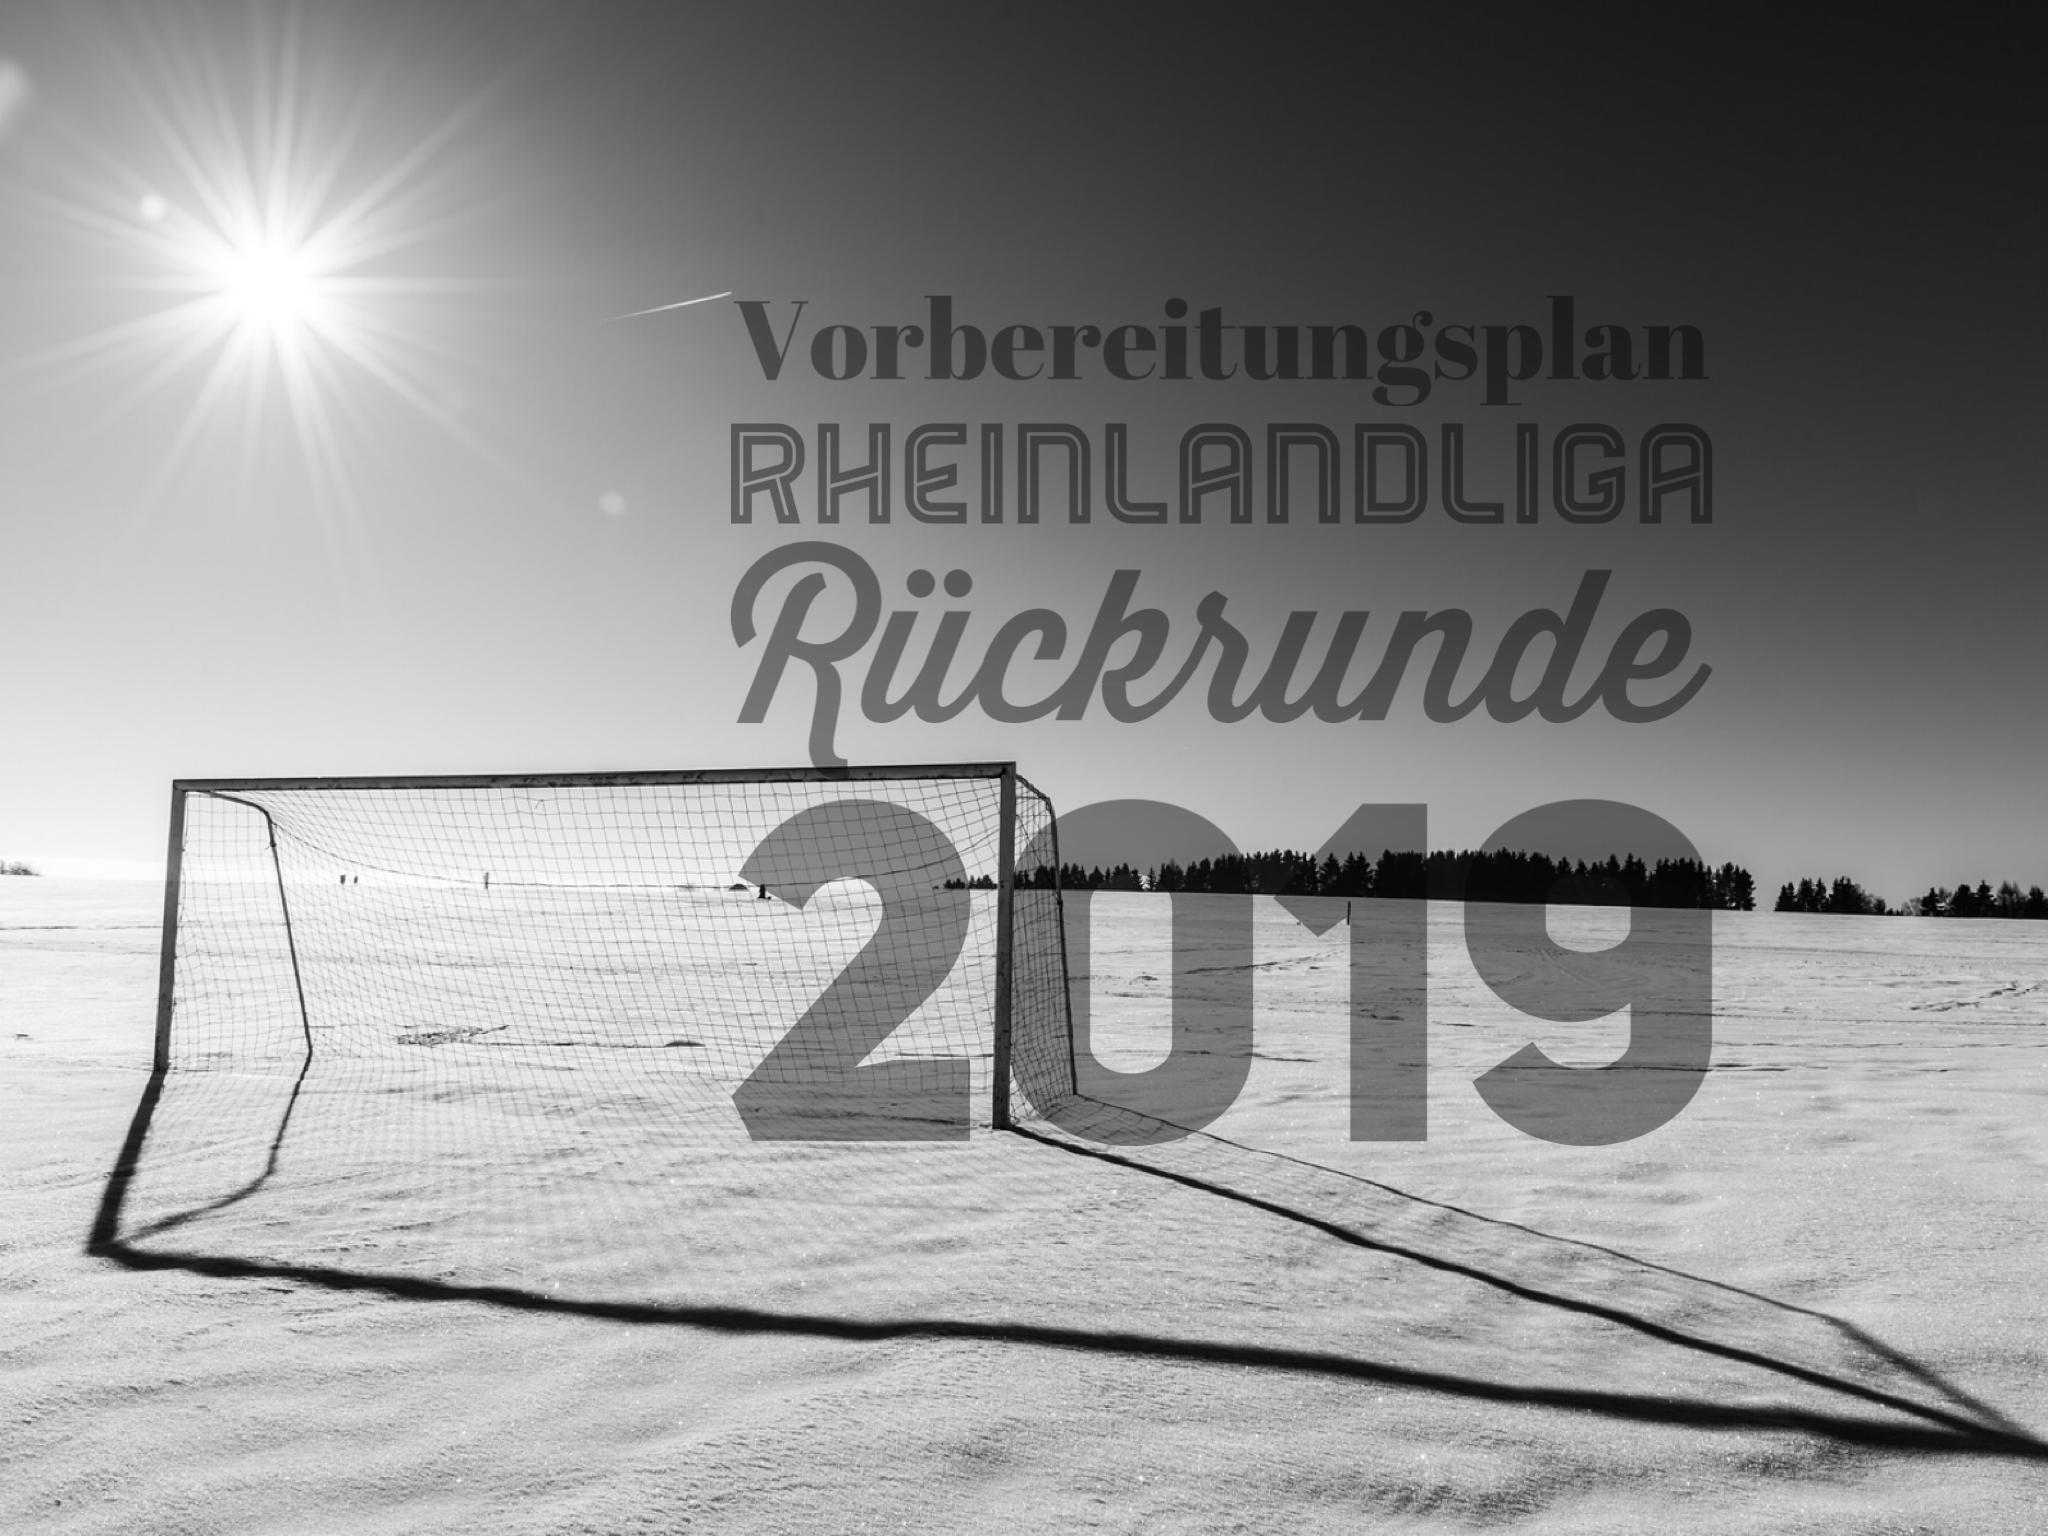 Vorbereitungsplan 1. Mannschaft Winter 2018/2019